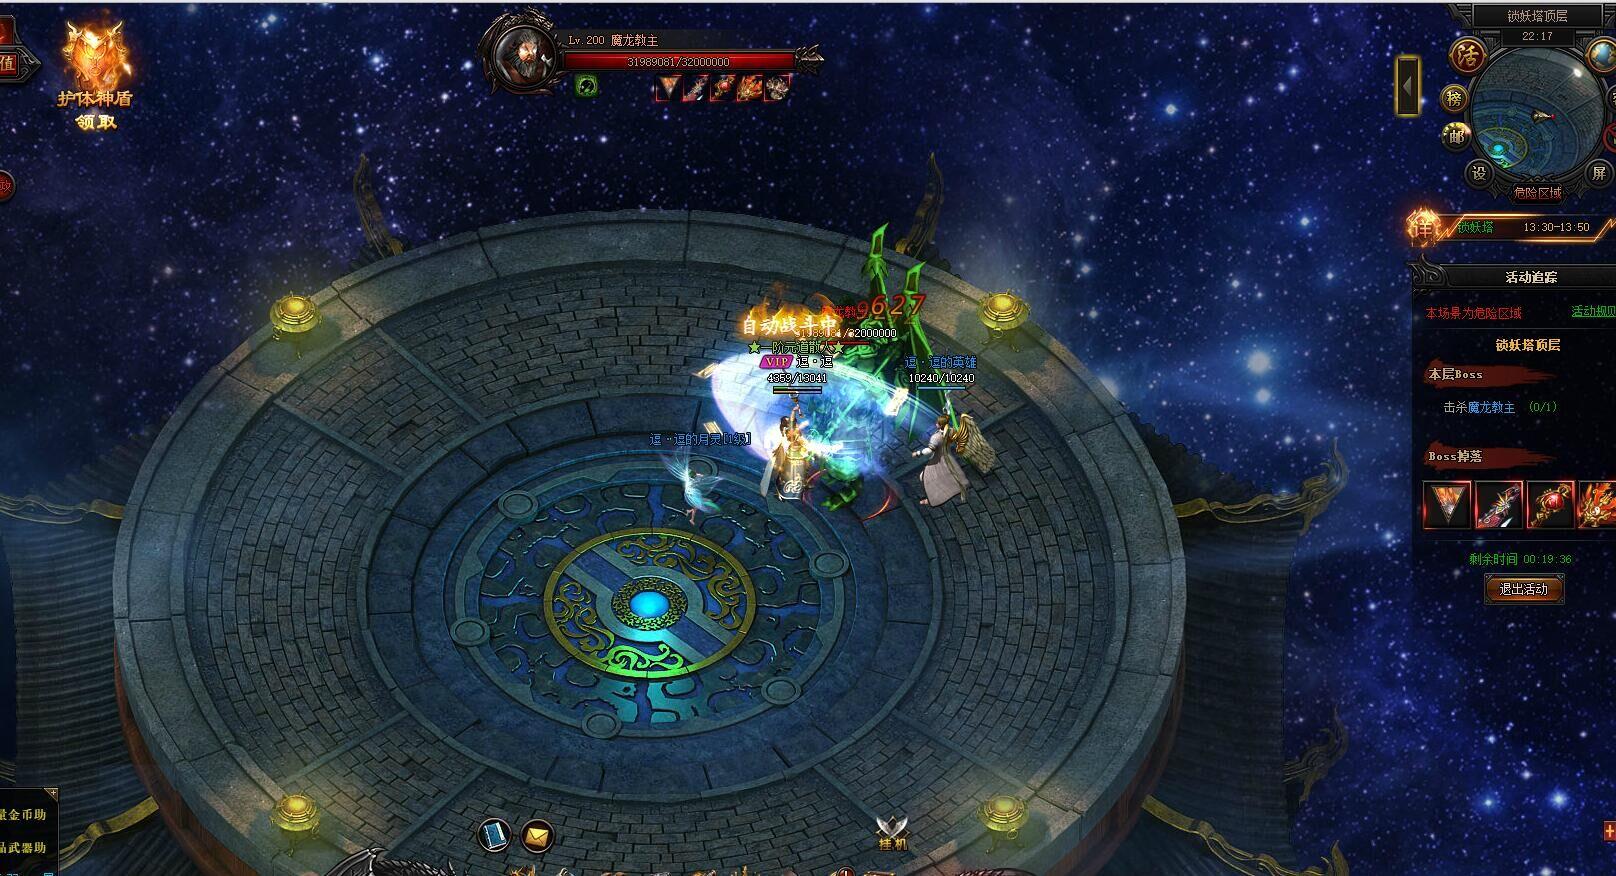 蓝月传奇游戏截图:锁妖塔顶层